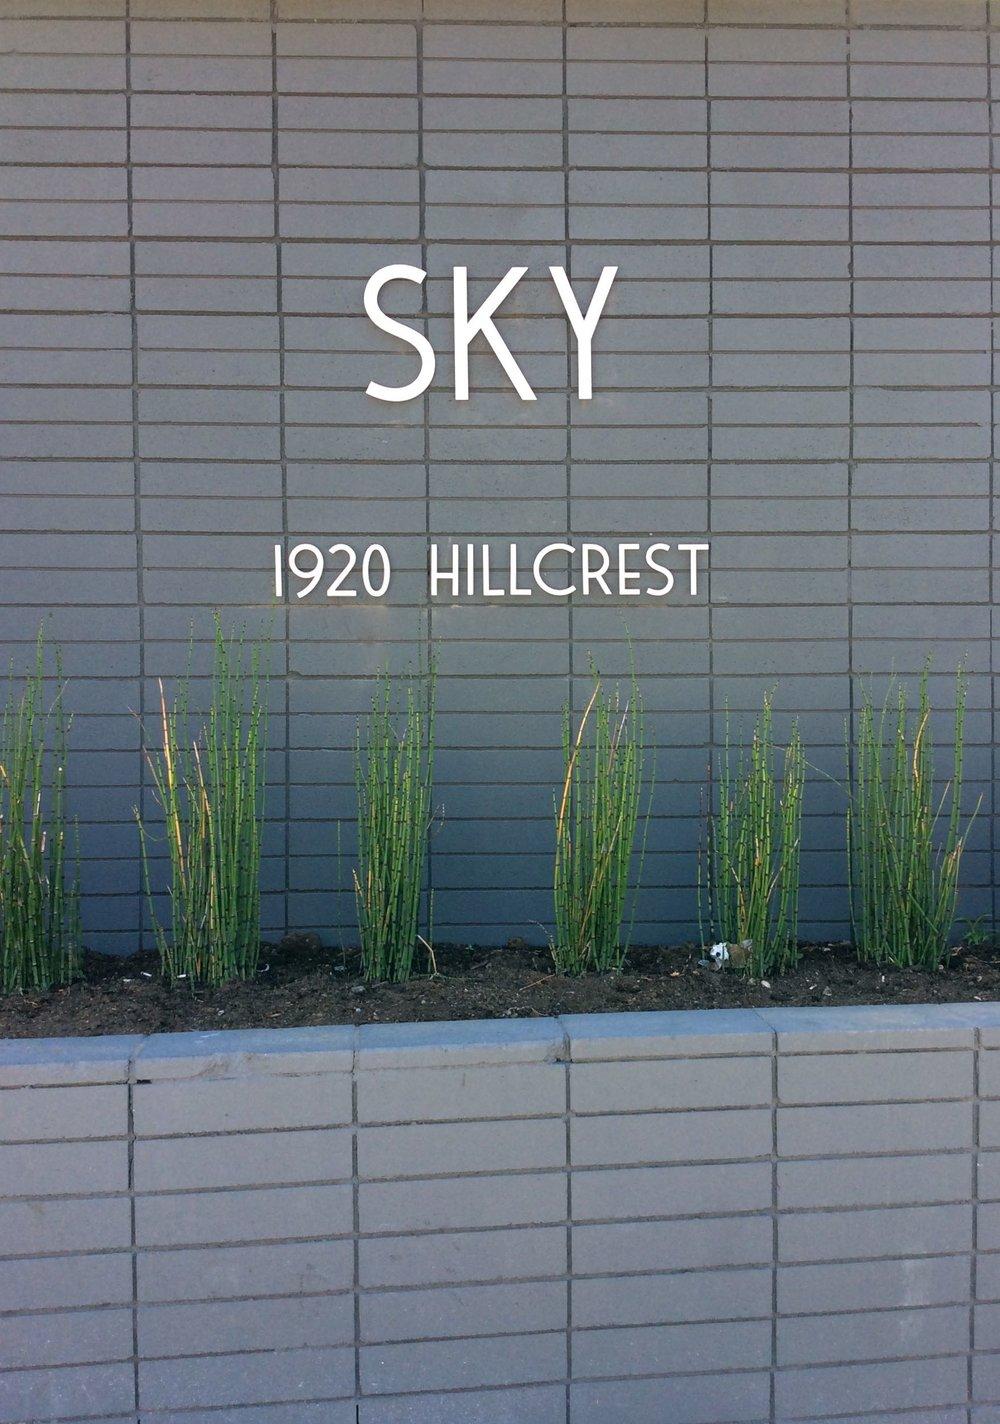 1920 Hillcrest Rd %22SKY%22.jpg